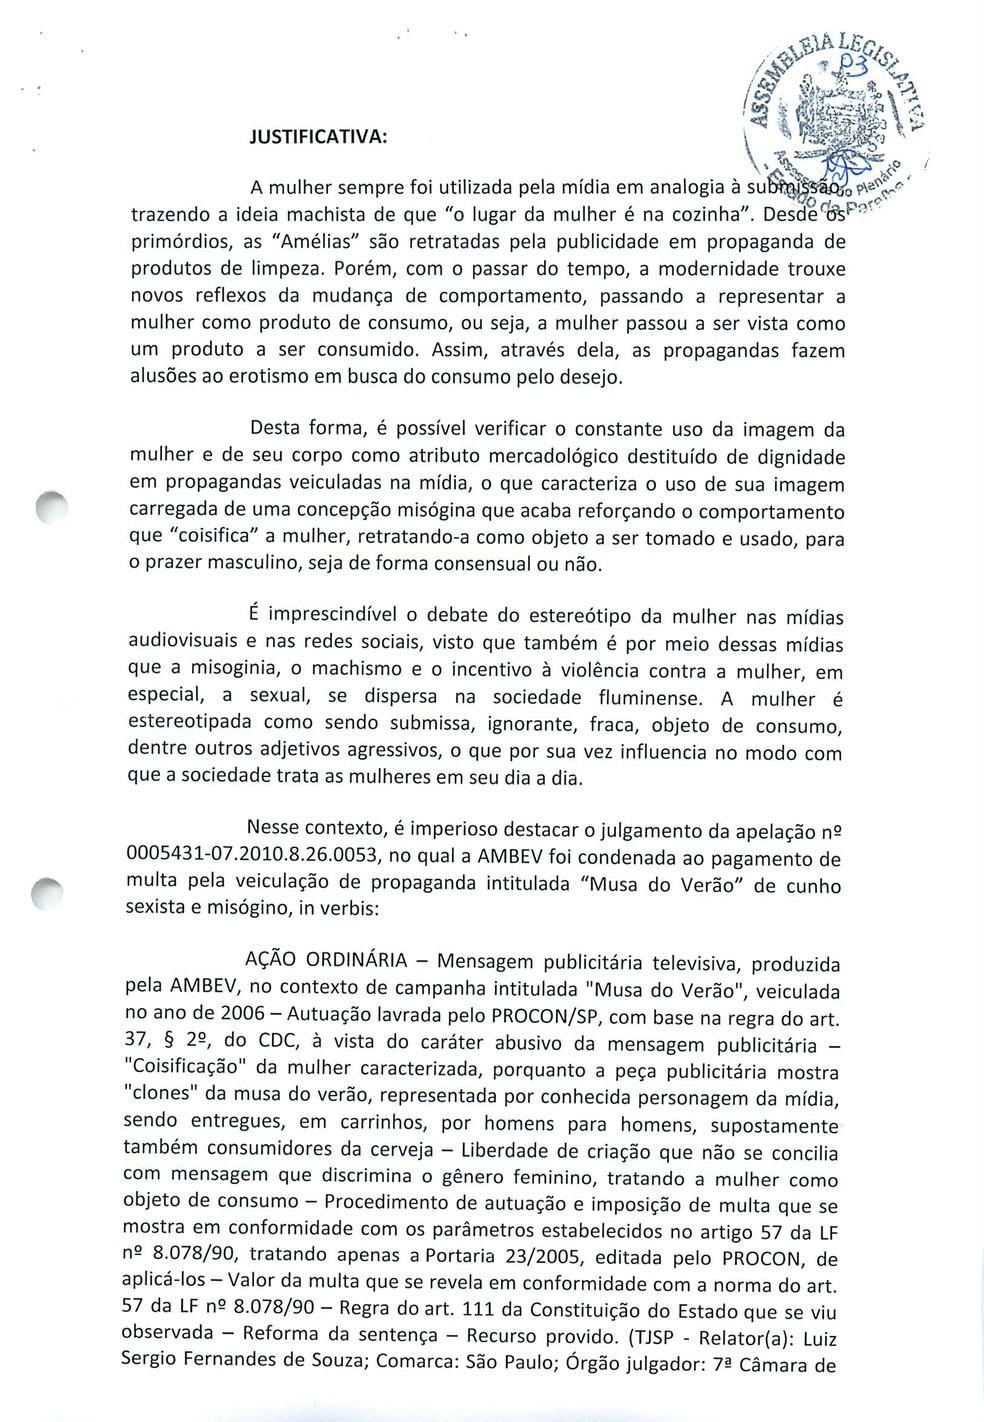 Justificativa do projeto de lei na Paraíba se refere à sociedade do Rio de Janeiro — Foto: Reprodução